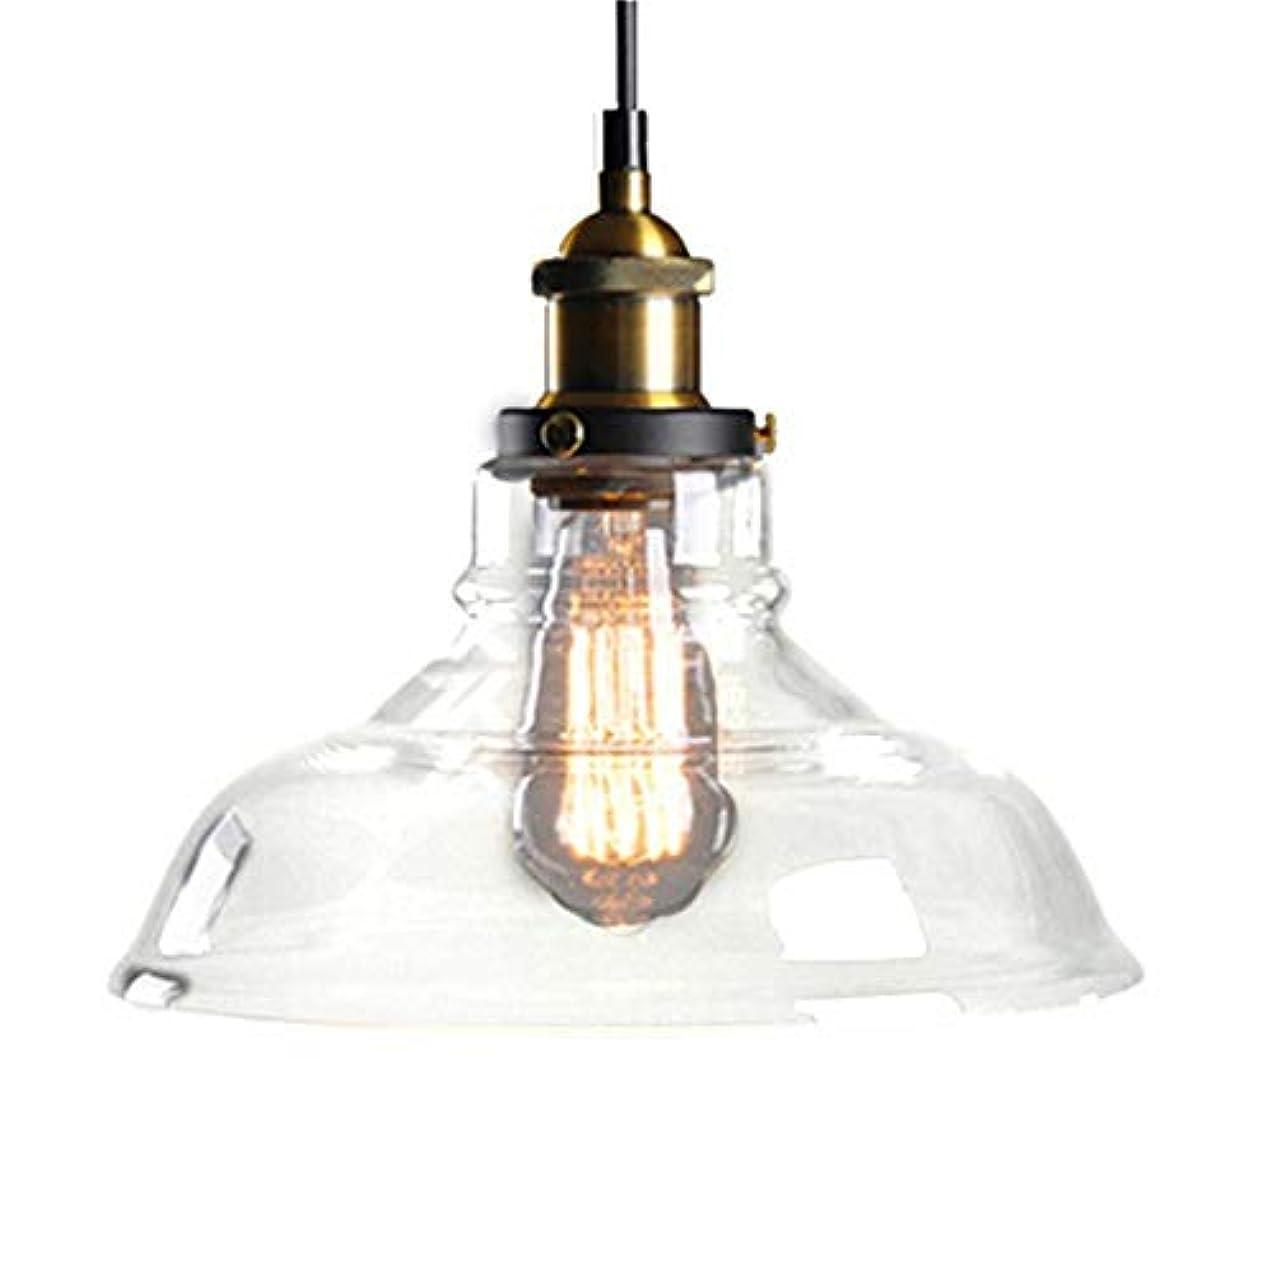 染料死傷者枝北ヨーロッパおよびアメリカ様式の農村産業風の創造的な単一のヘッドガラスランプシェード